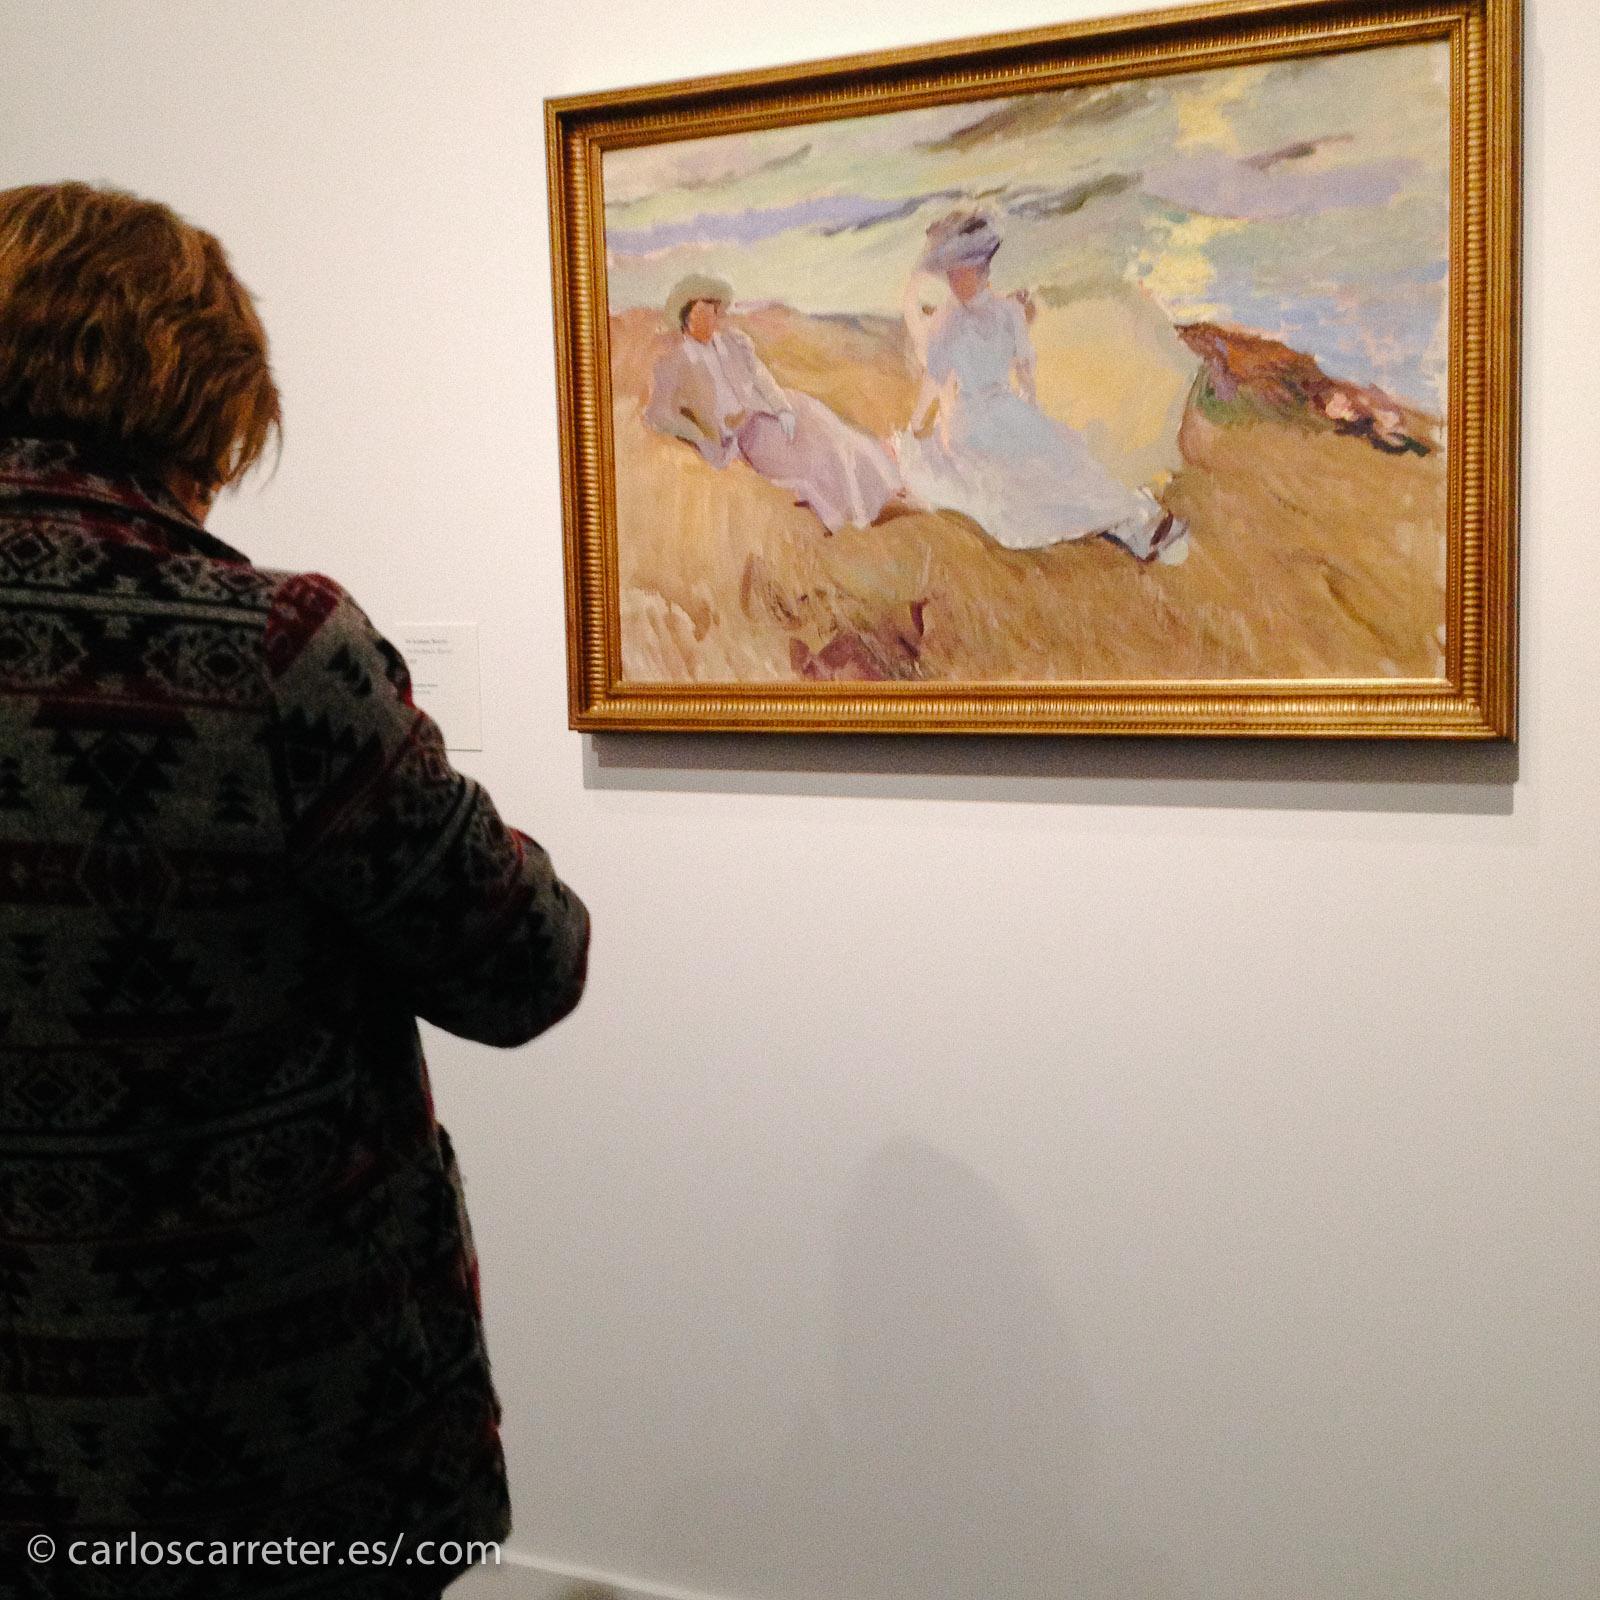 El blanco de los vestidos de las damas en las escenas playeras de Sorolla suele ser el punto de atracción principal del cuadro, y el que condiciona el recorrido de la mirada por el mismo.